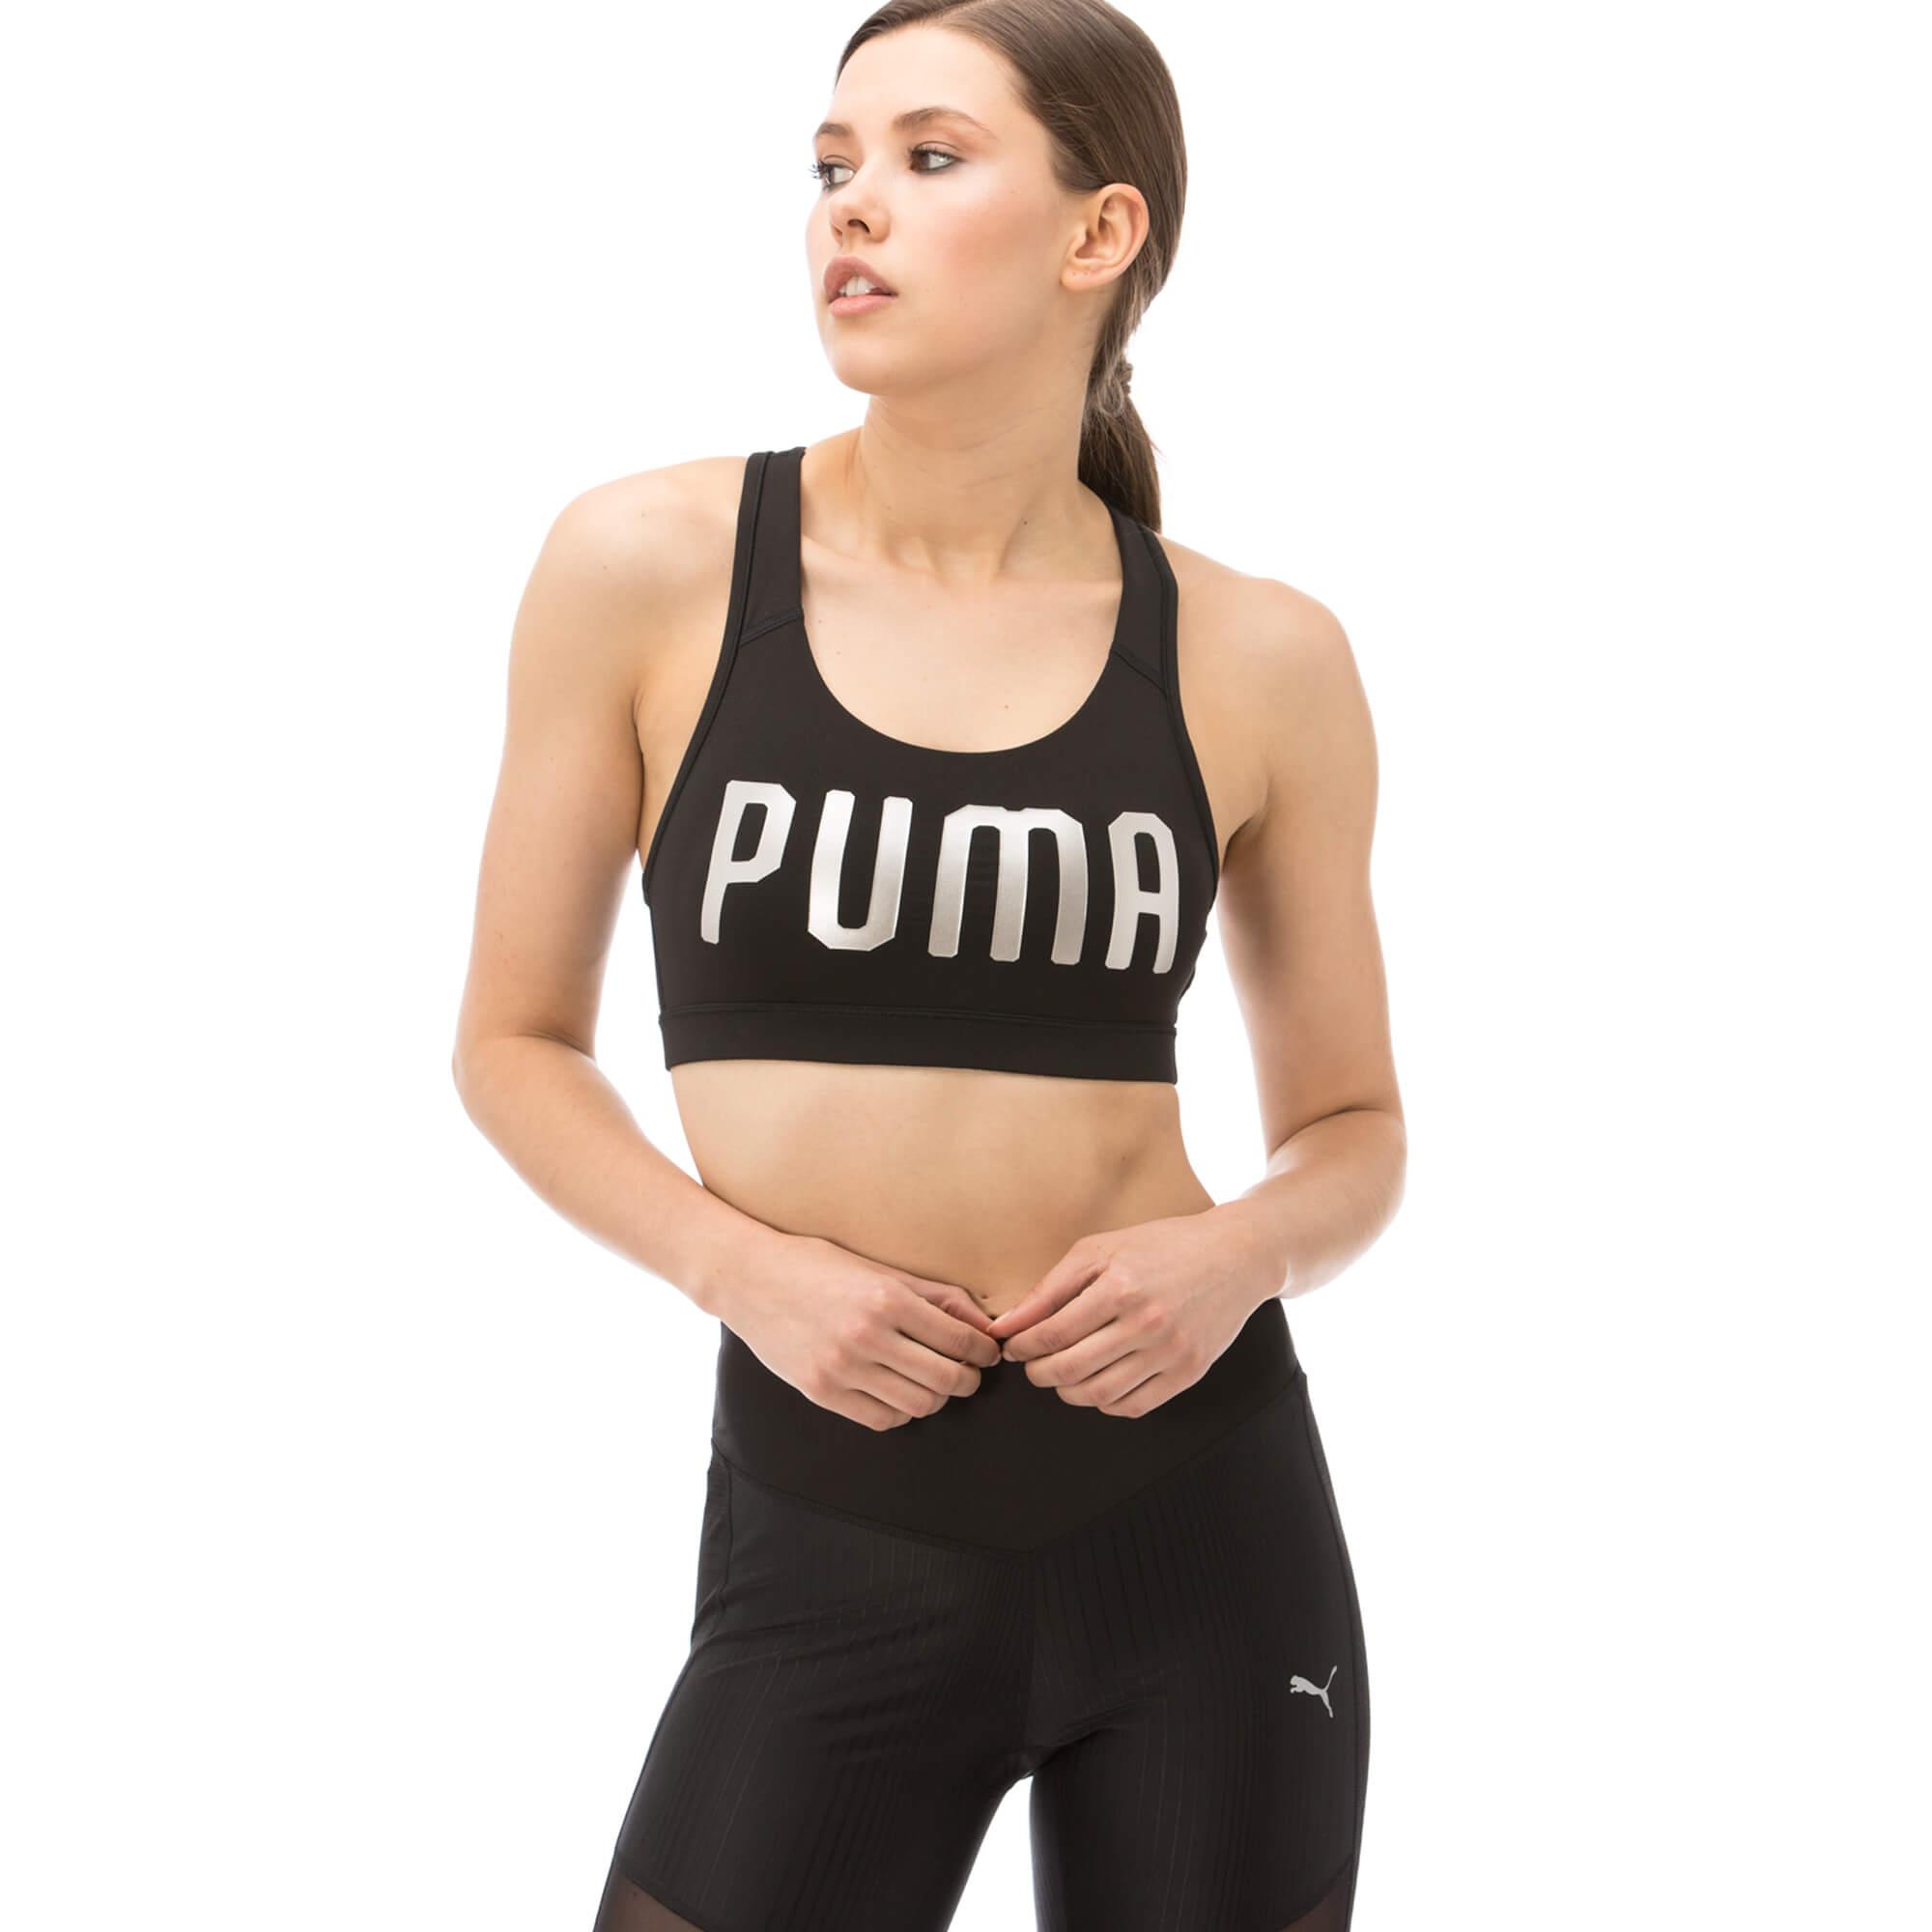 Puma Pwrshape Forever Kadın Siyah Bra